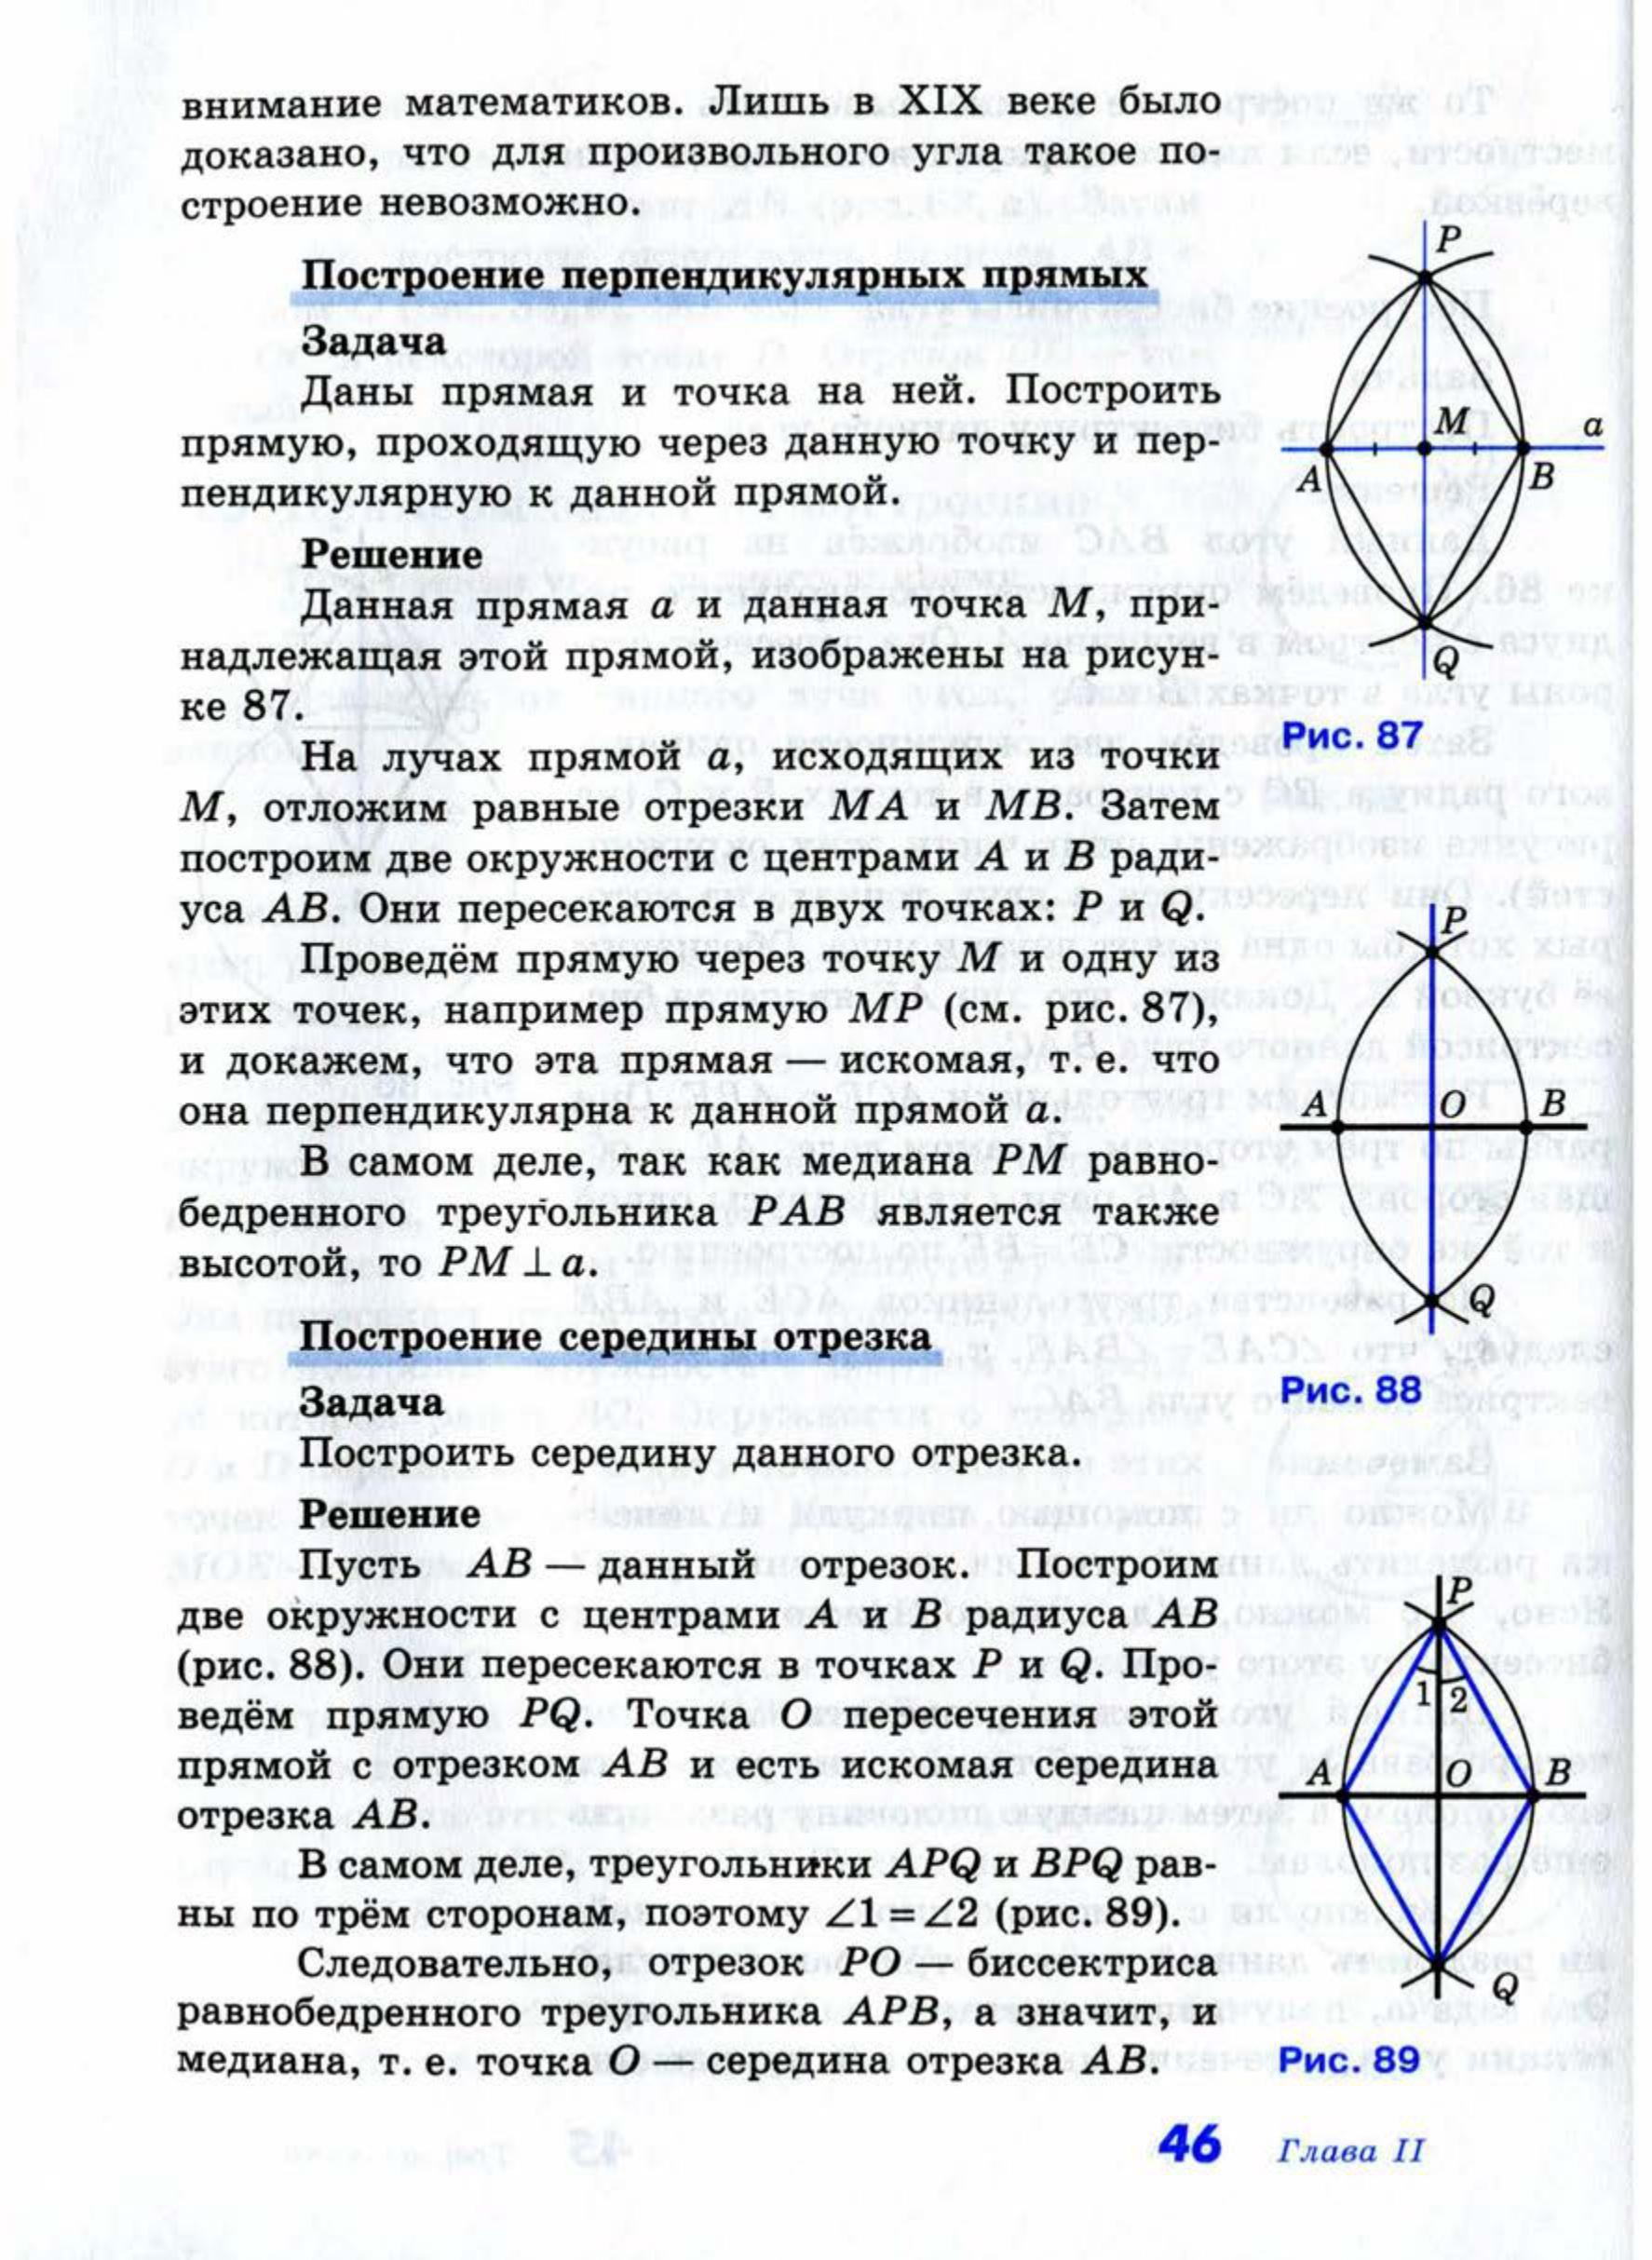 Гдз решебник по всем урокам татарского языка автор максимов 6 класс